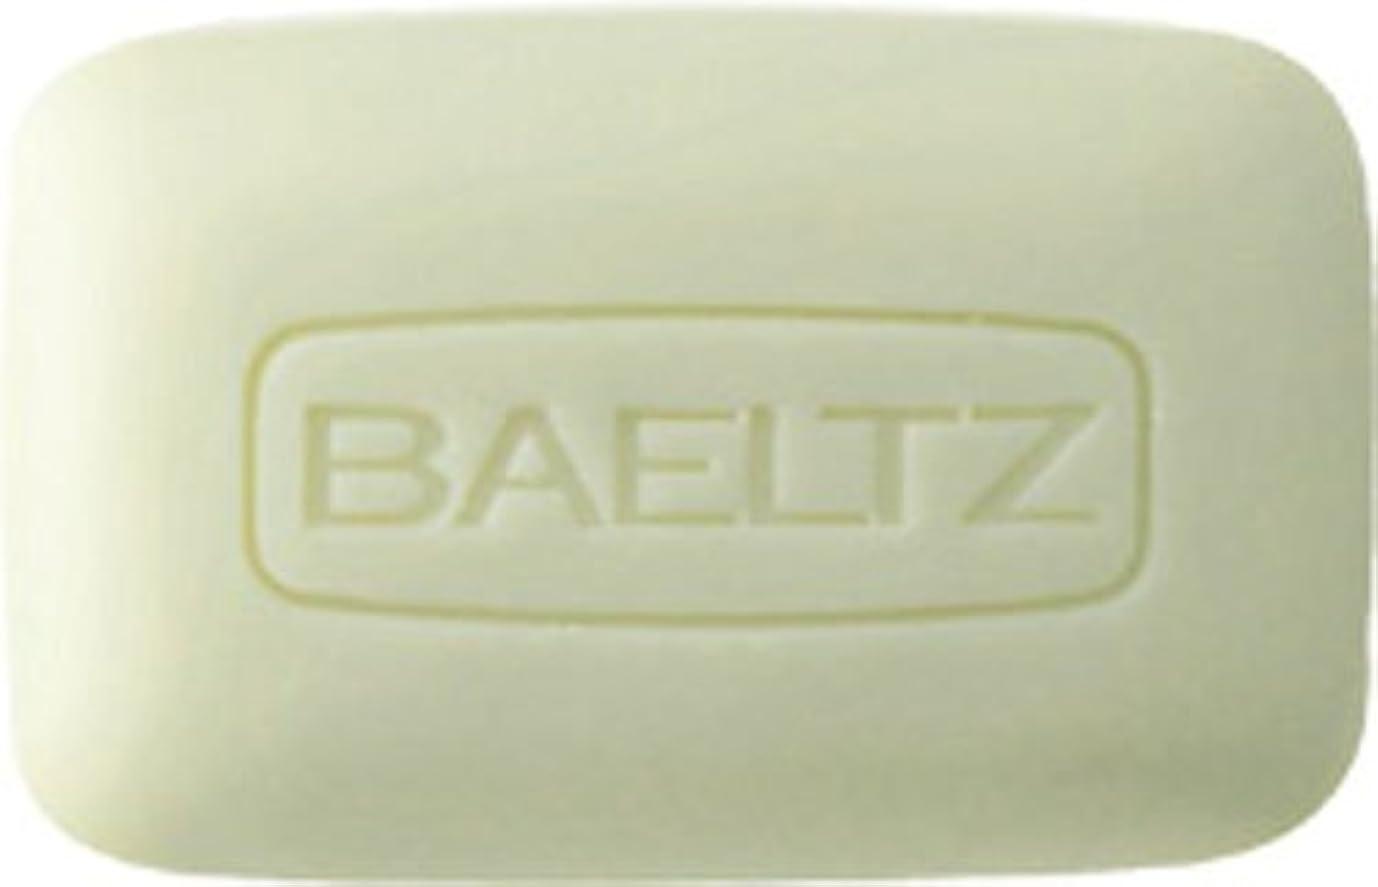 古くなったカプセル郵便番号ドクターベルツ(Dr.BAELTZ) モイスチュアソープ DN 80g(洗顔石けん)